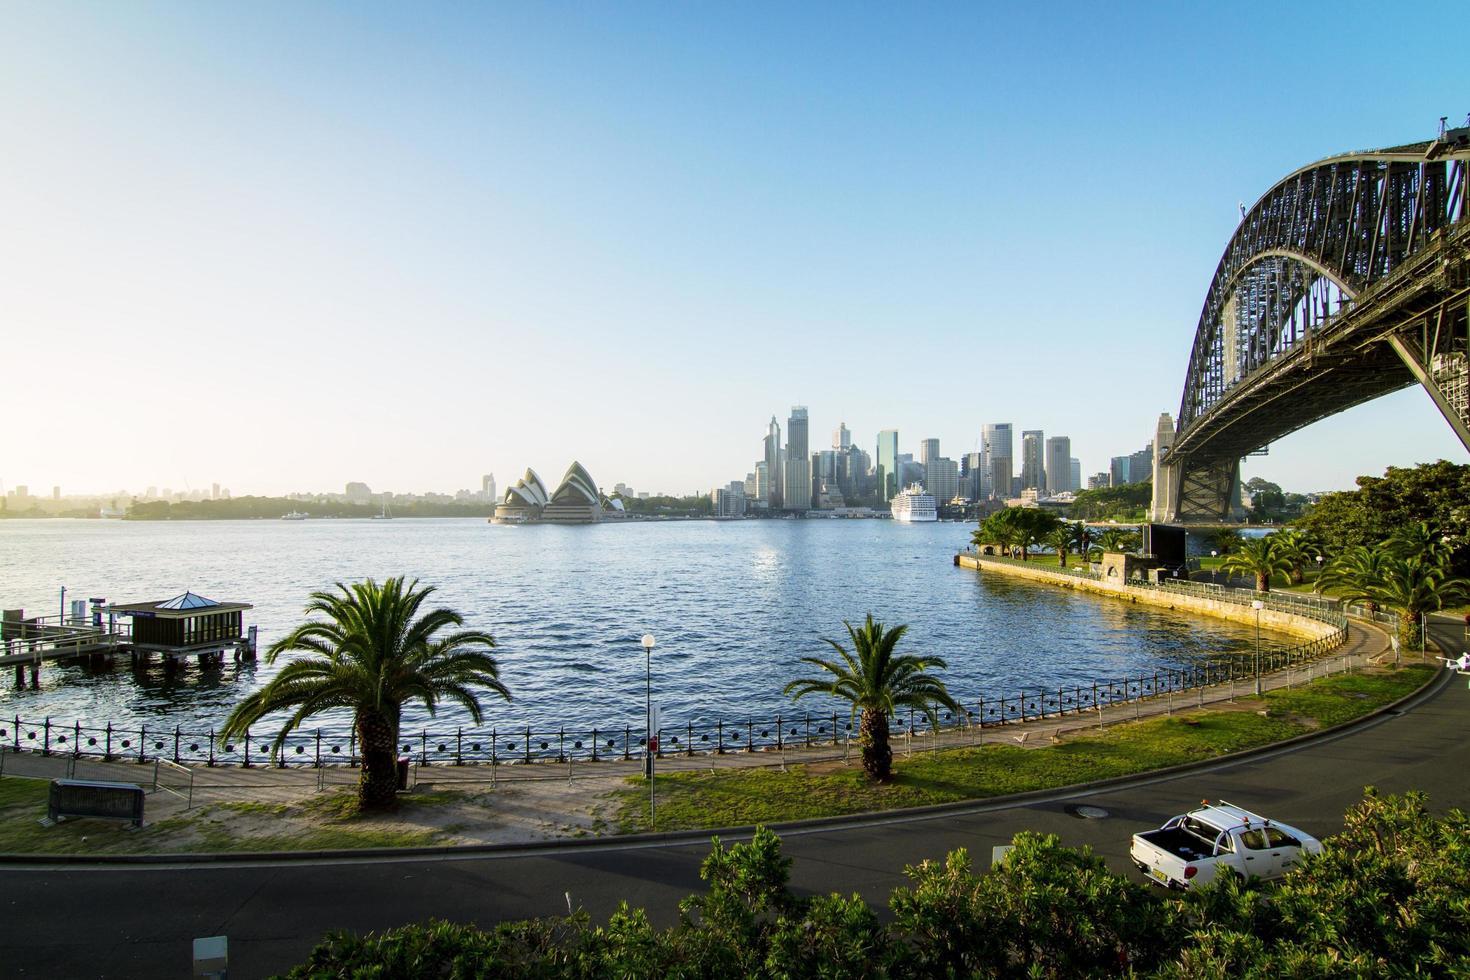 Sydney, Australia, 2020: una carretera y un puente cerca de un cuerpo de agua. foto